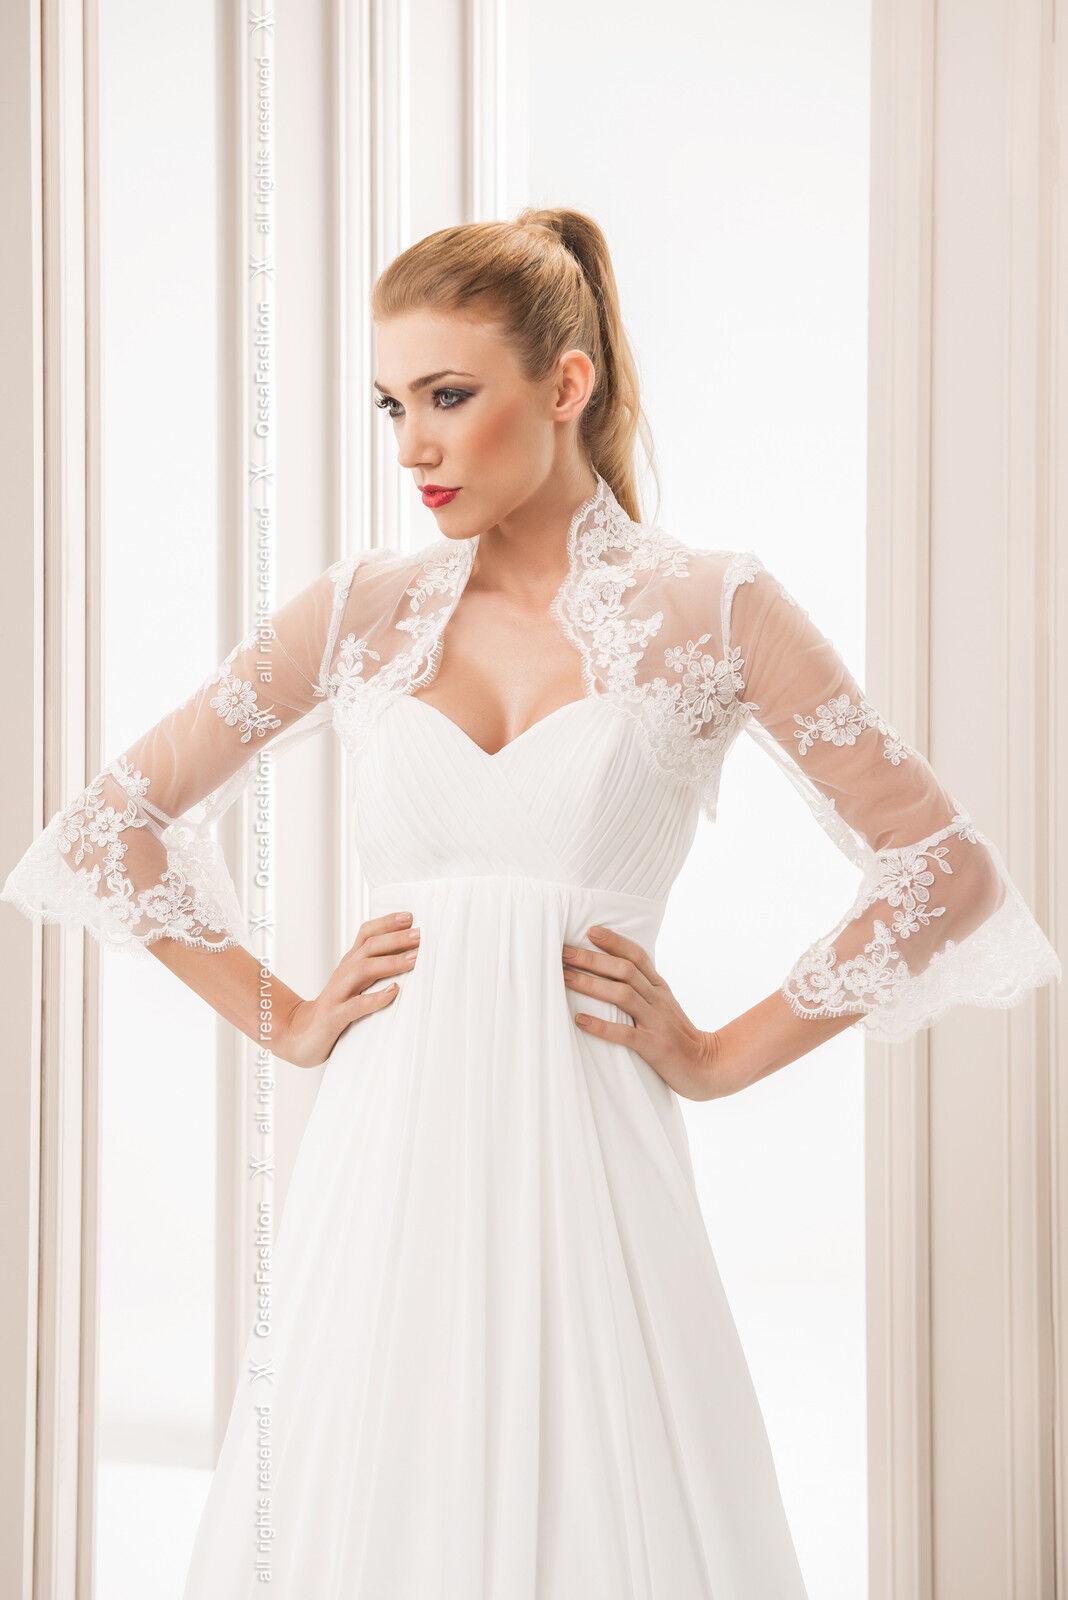 New Women Wedding Ivory / White Top Bridal Lace Bolero/Shrug/Jacket ...